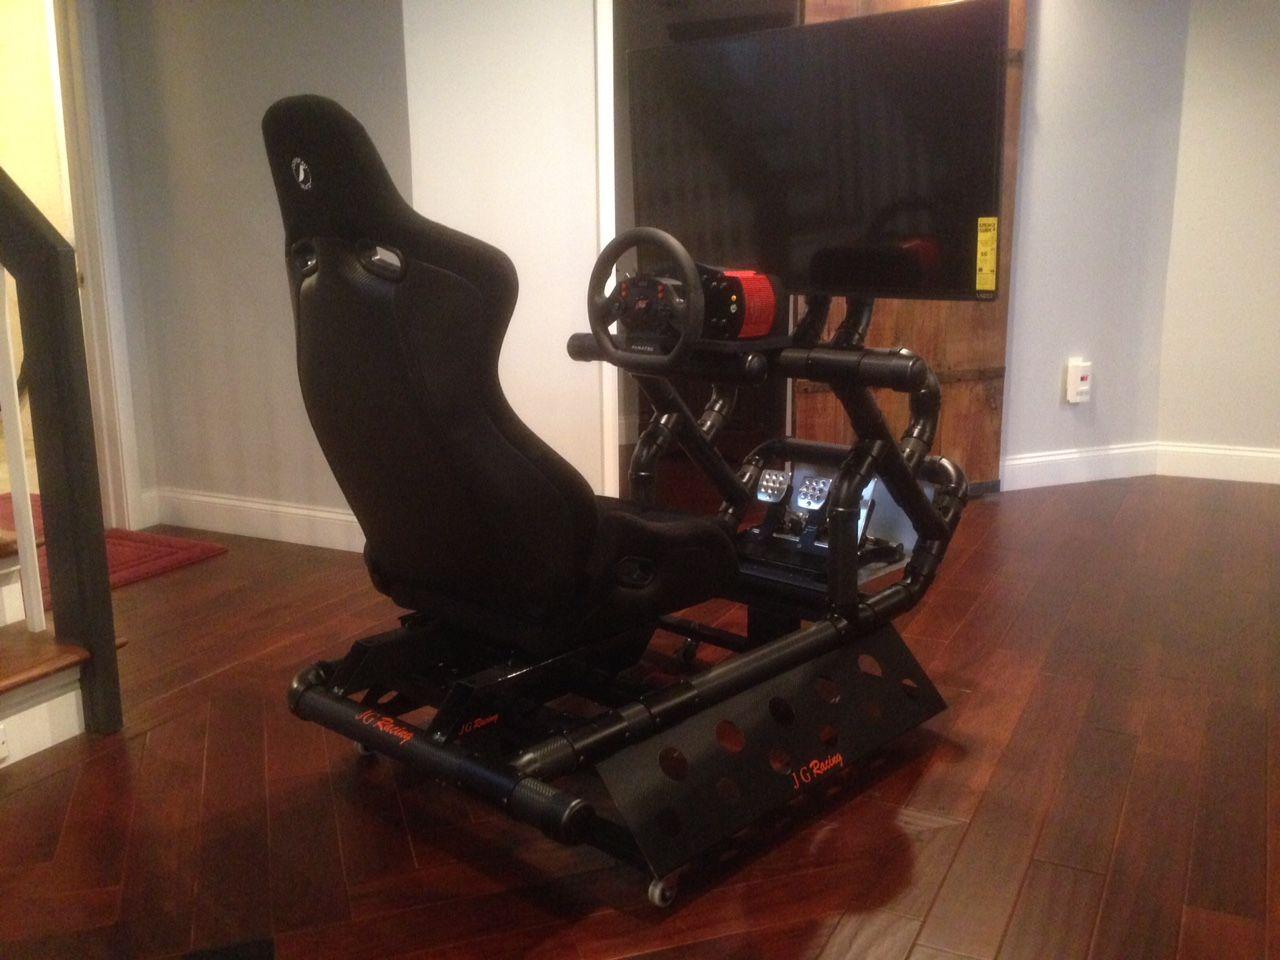 My Diy Sim Racing Rig Racing Simulator Pinterest